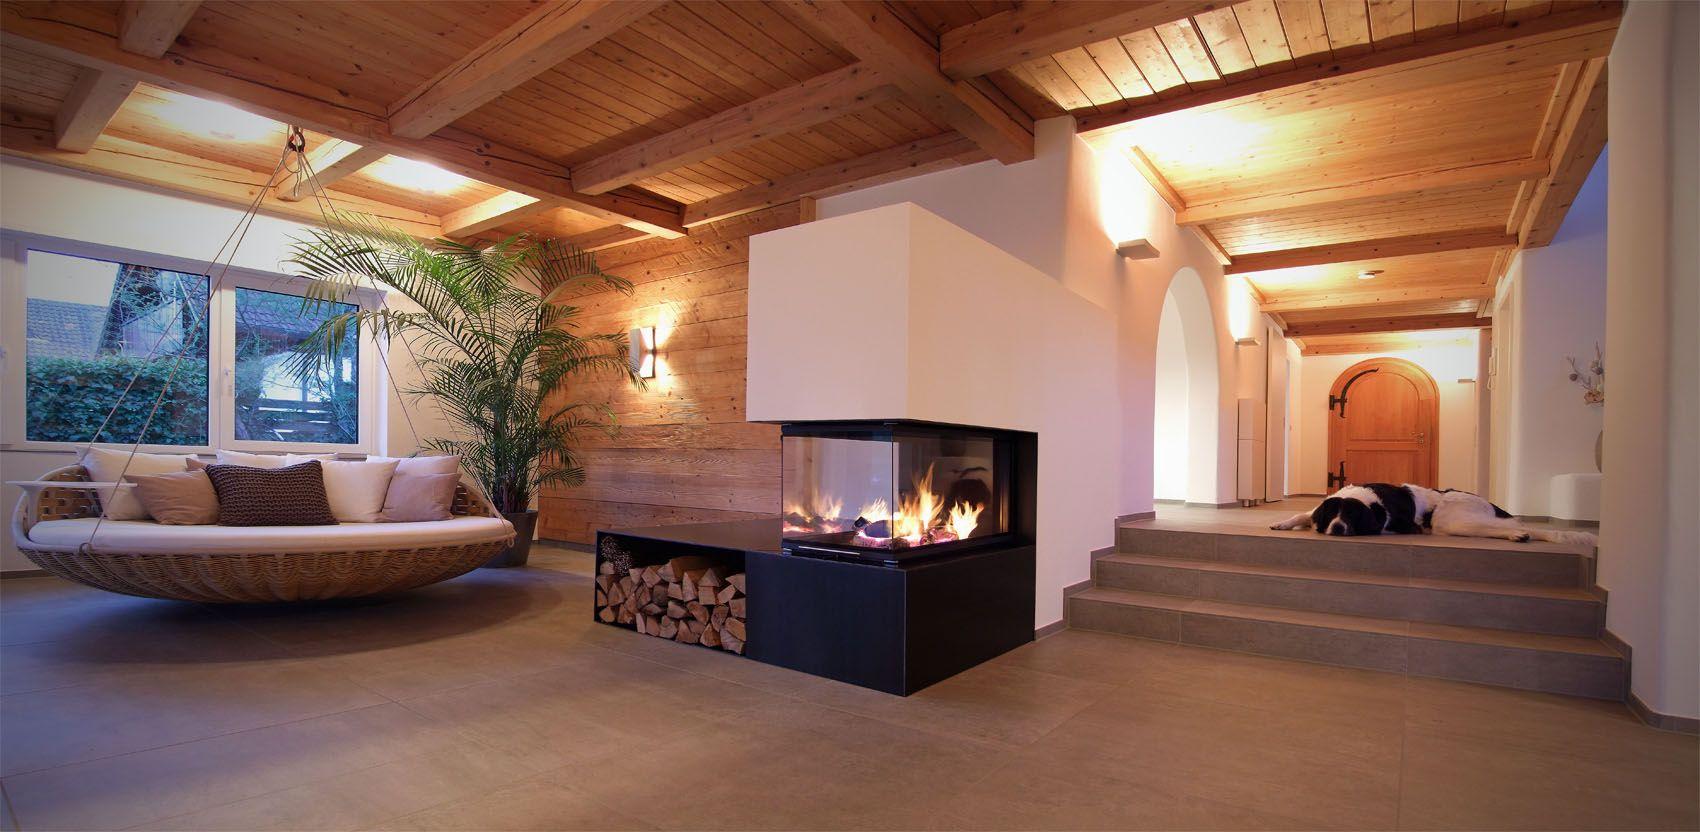 dreiseitkamin mit holzlege bzw ofenbank aus rohstahl moderne kamine aus rohstahl und beton. Black Bedroom Furniture Sets. Home Design Ideas